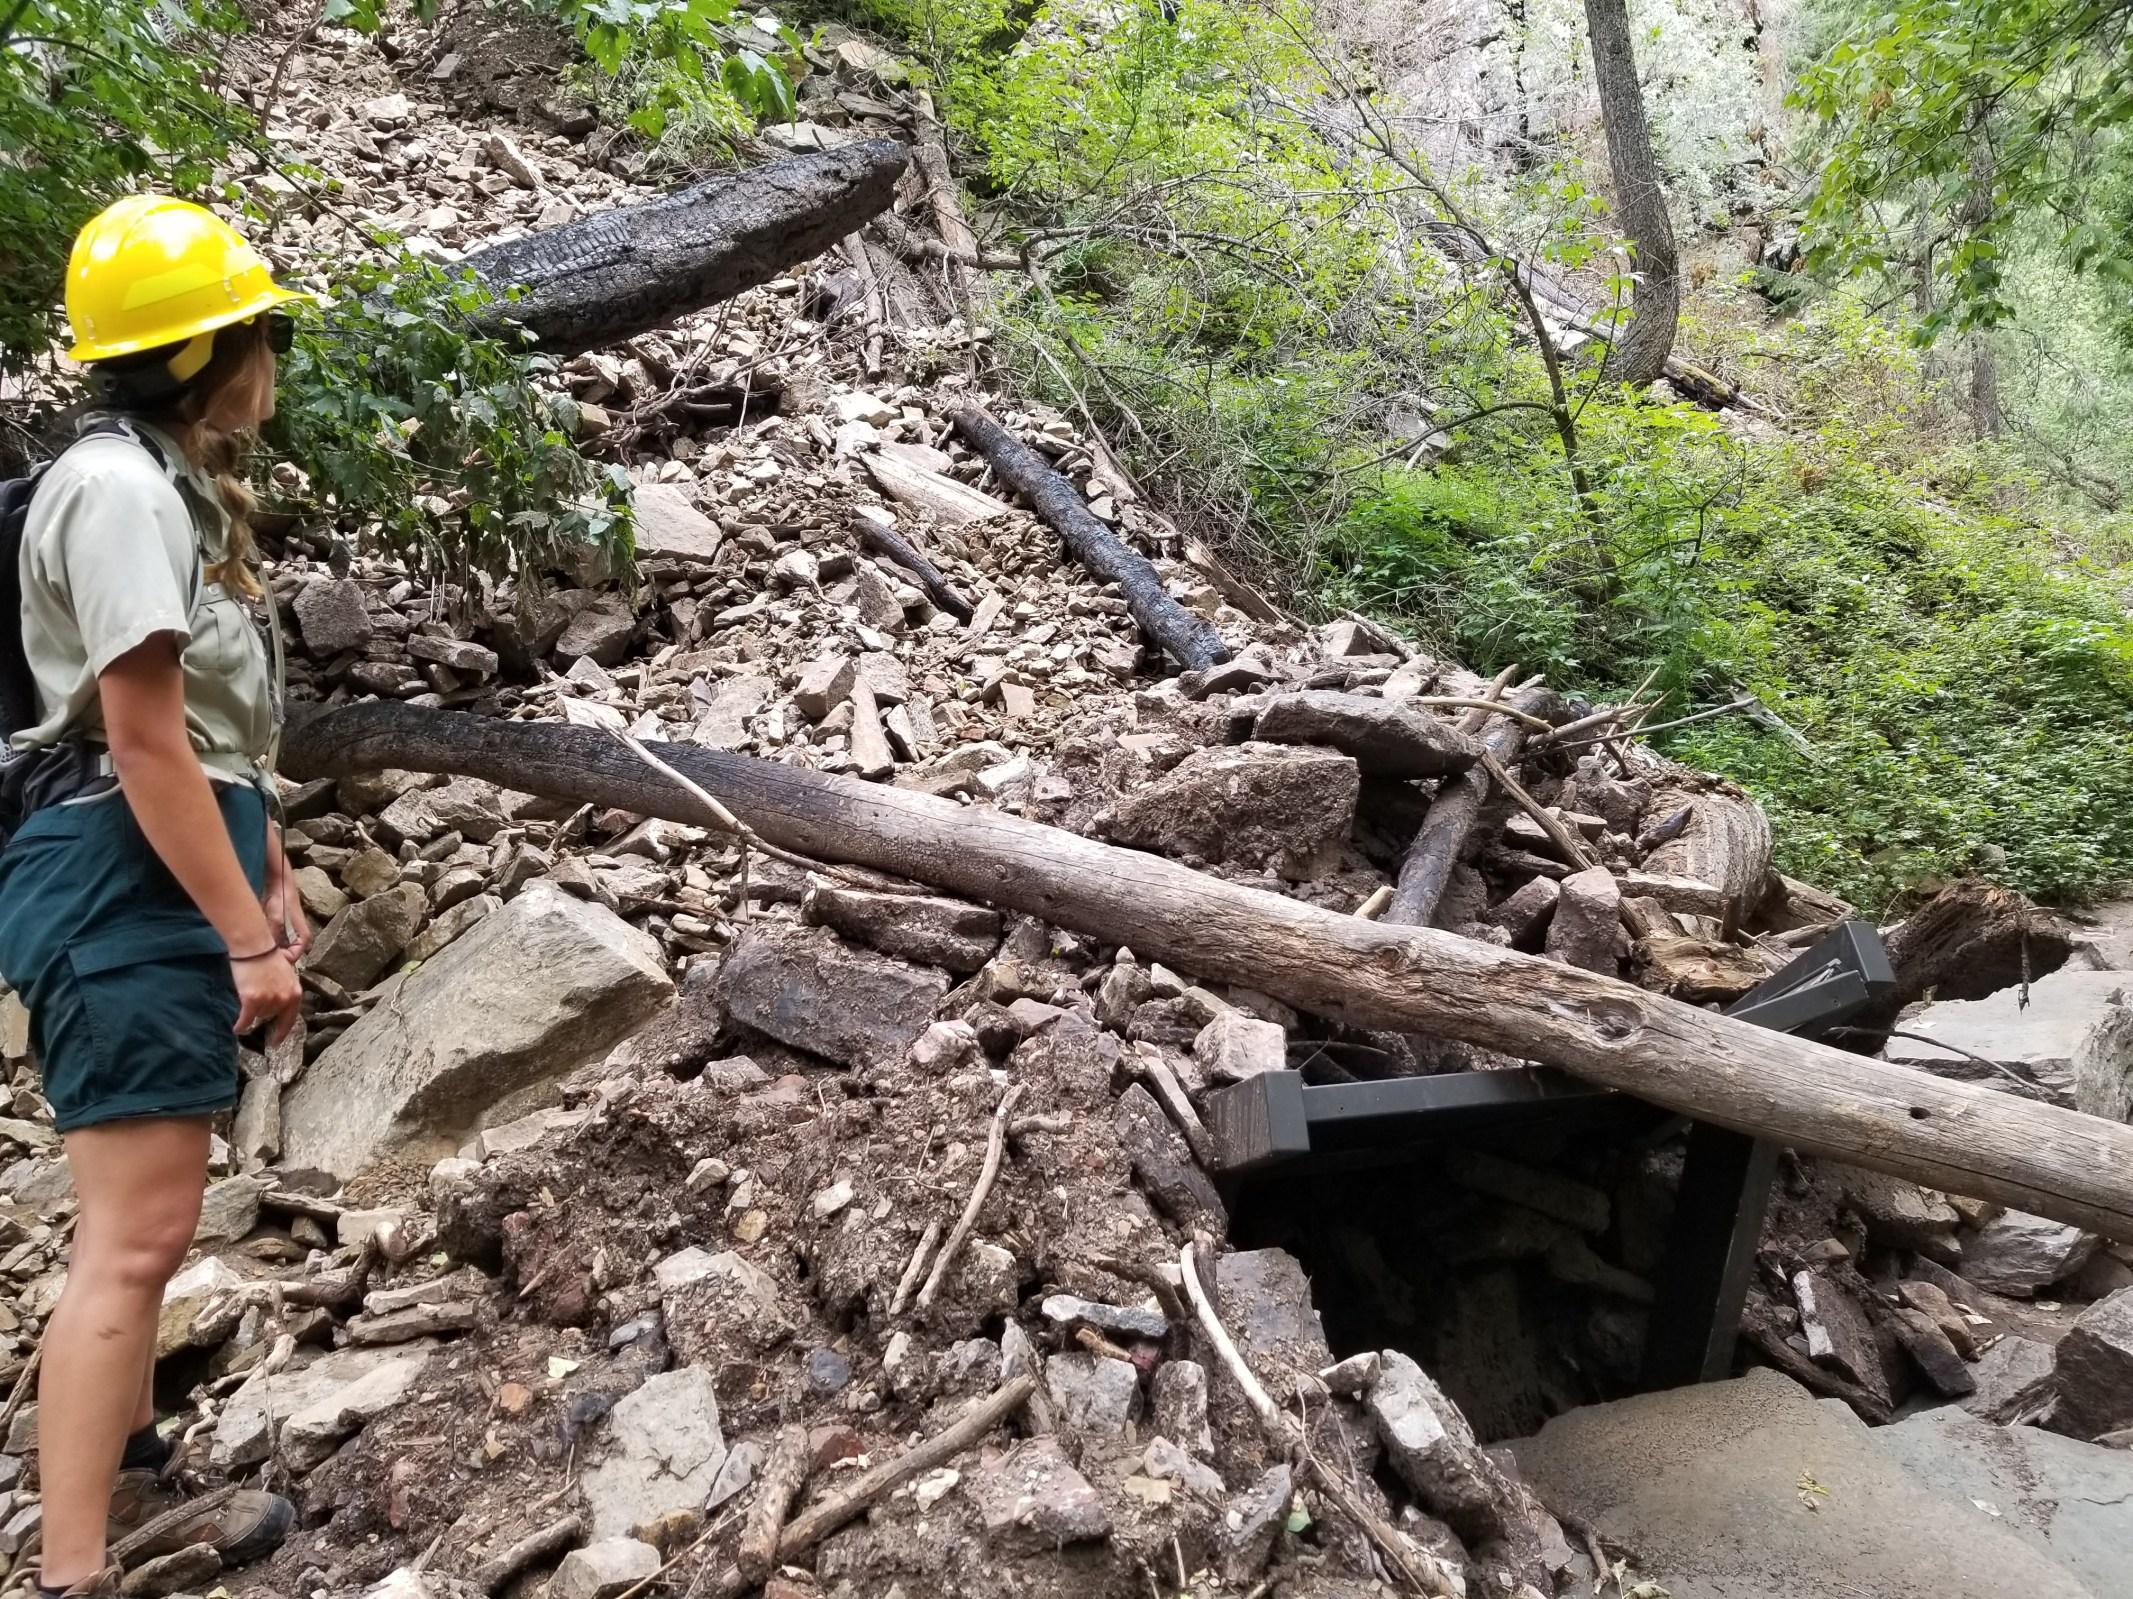 Hanging Lake mudslide damage indefinite closure 2021 Glenwood Canyon rock slides U.S. Forest Service trail rebuild